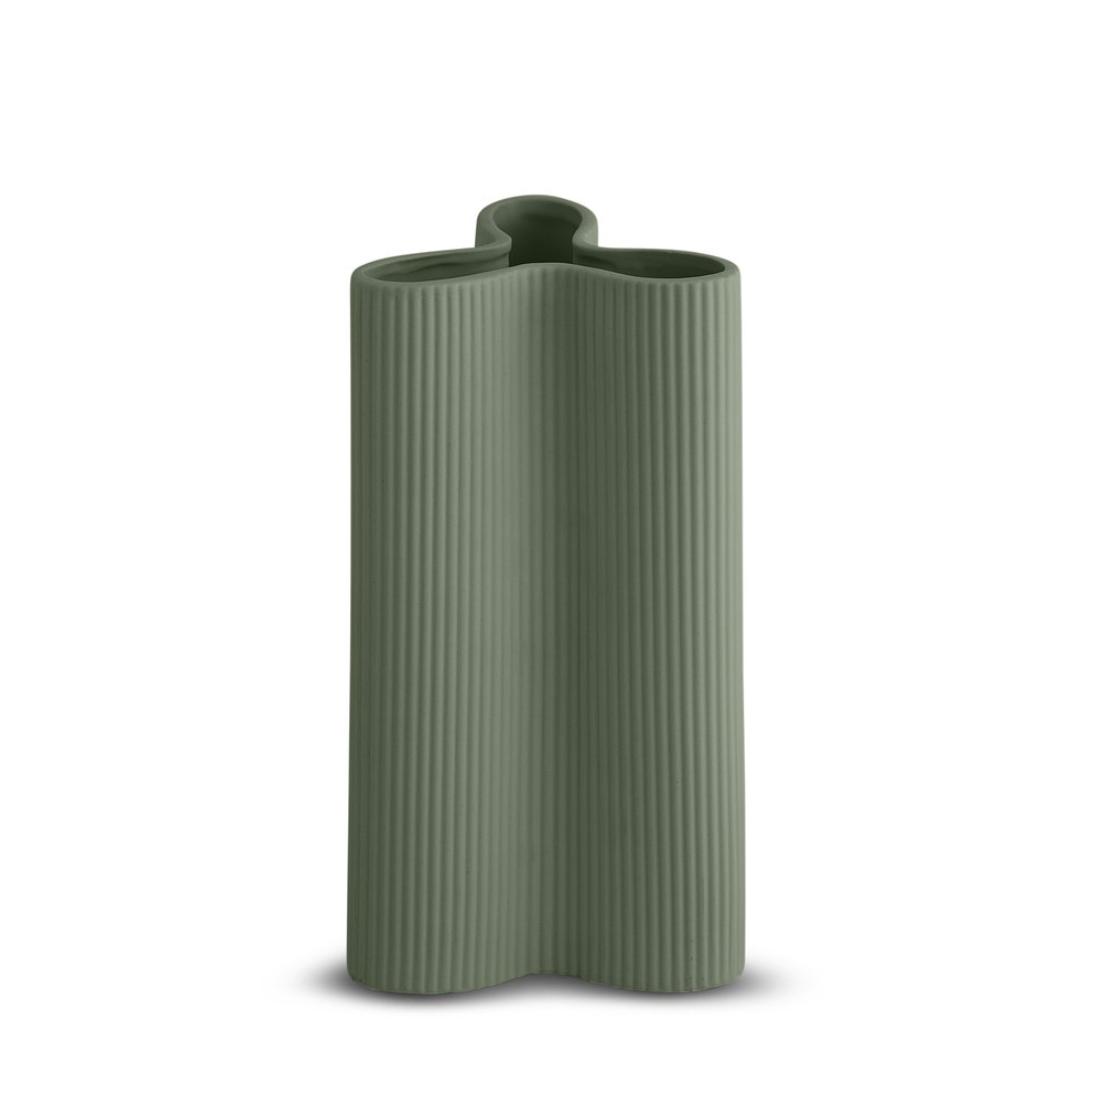 Ribbed Petal Vase - Large - Leaf